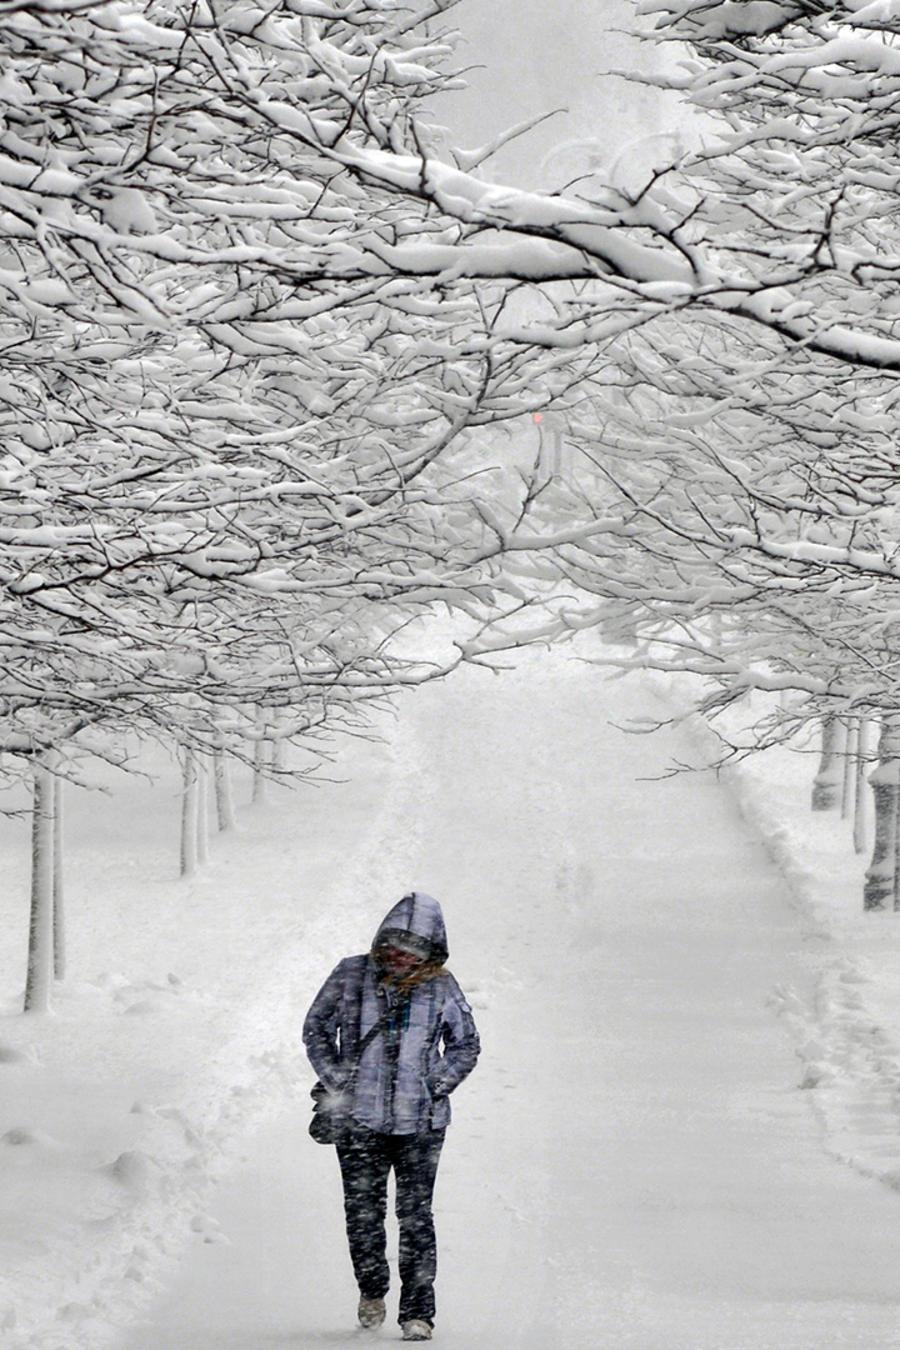 Un transeúnte camina entre filas de árboles nevados en el Boulevard Martin Luther King Jr. Blvd. en Worcester, Massachusetts. durante yuna tormenta invernal el viernes, 5 de febrero del 2016.